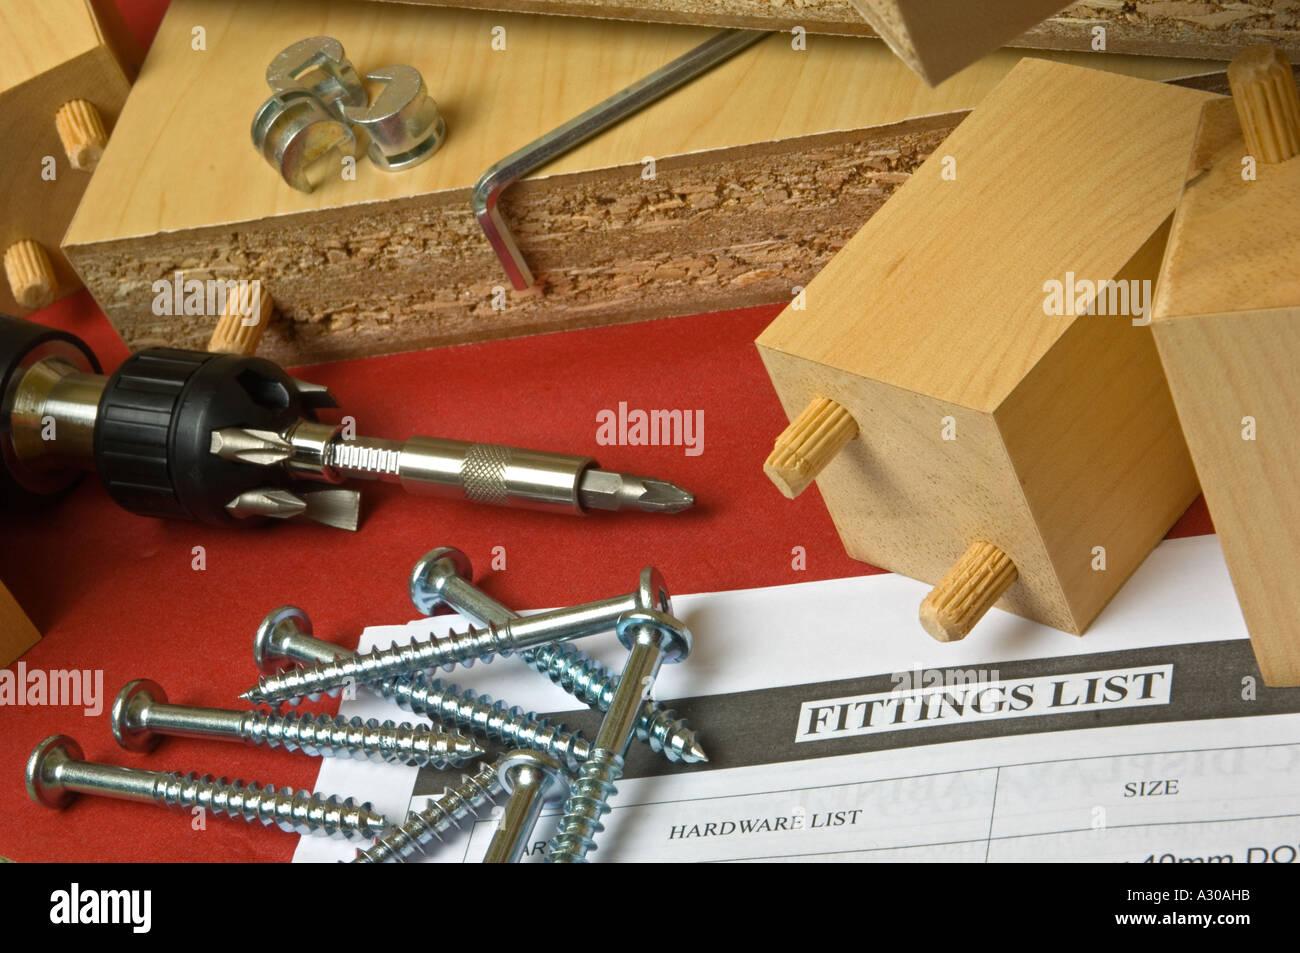 Мебель ремонтируем своими руками